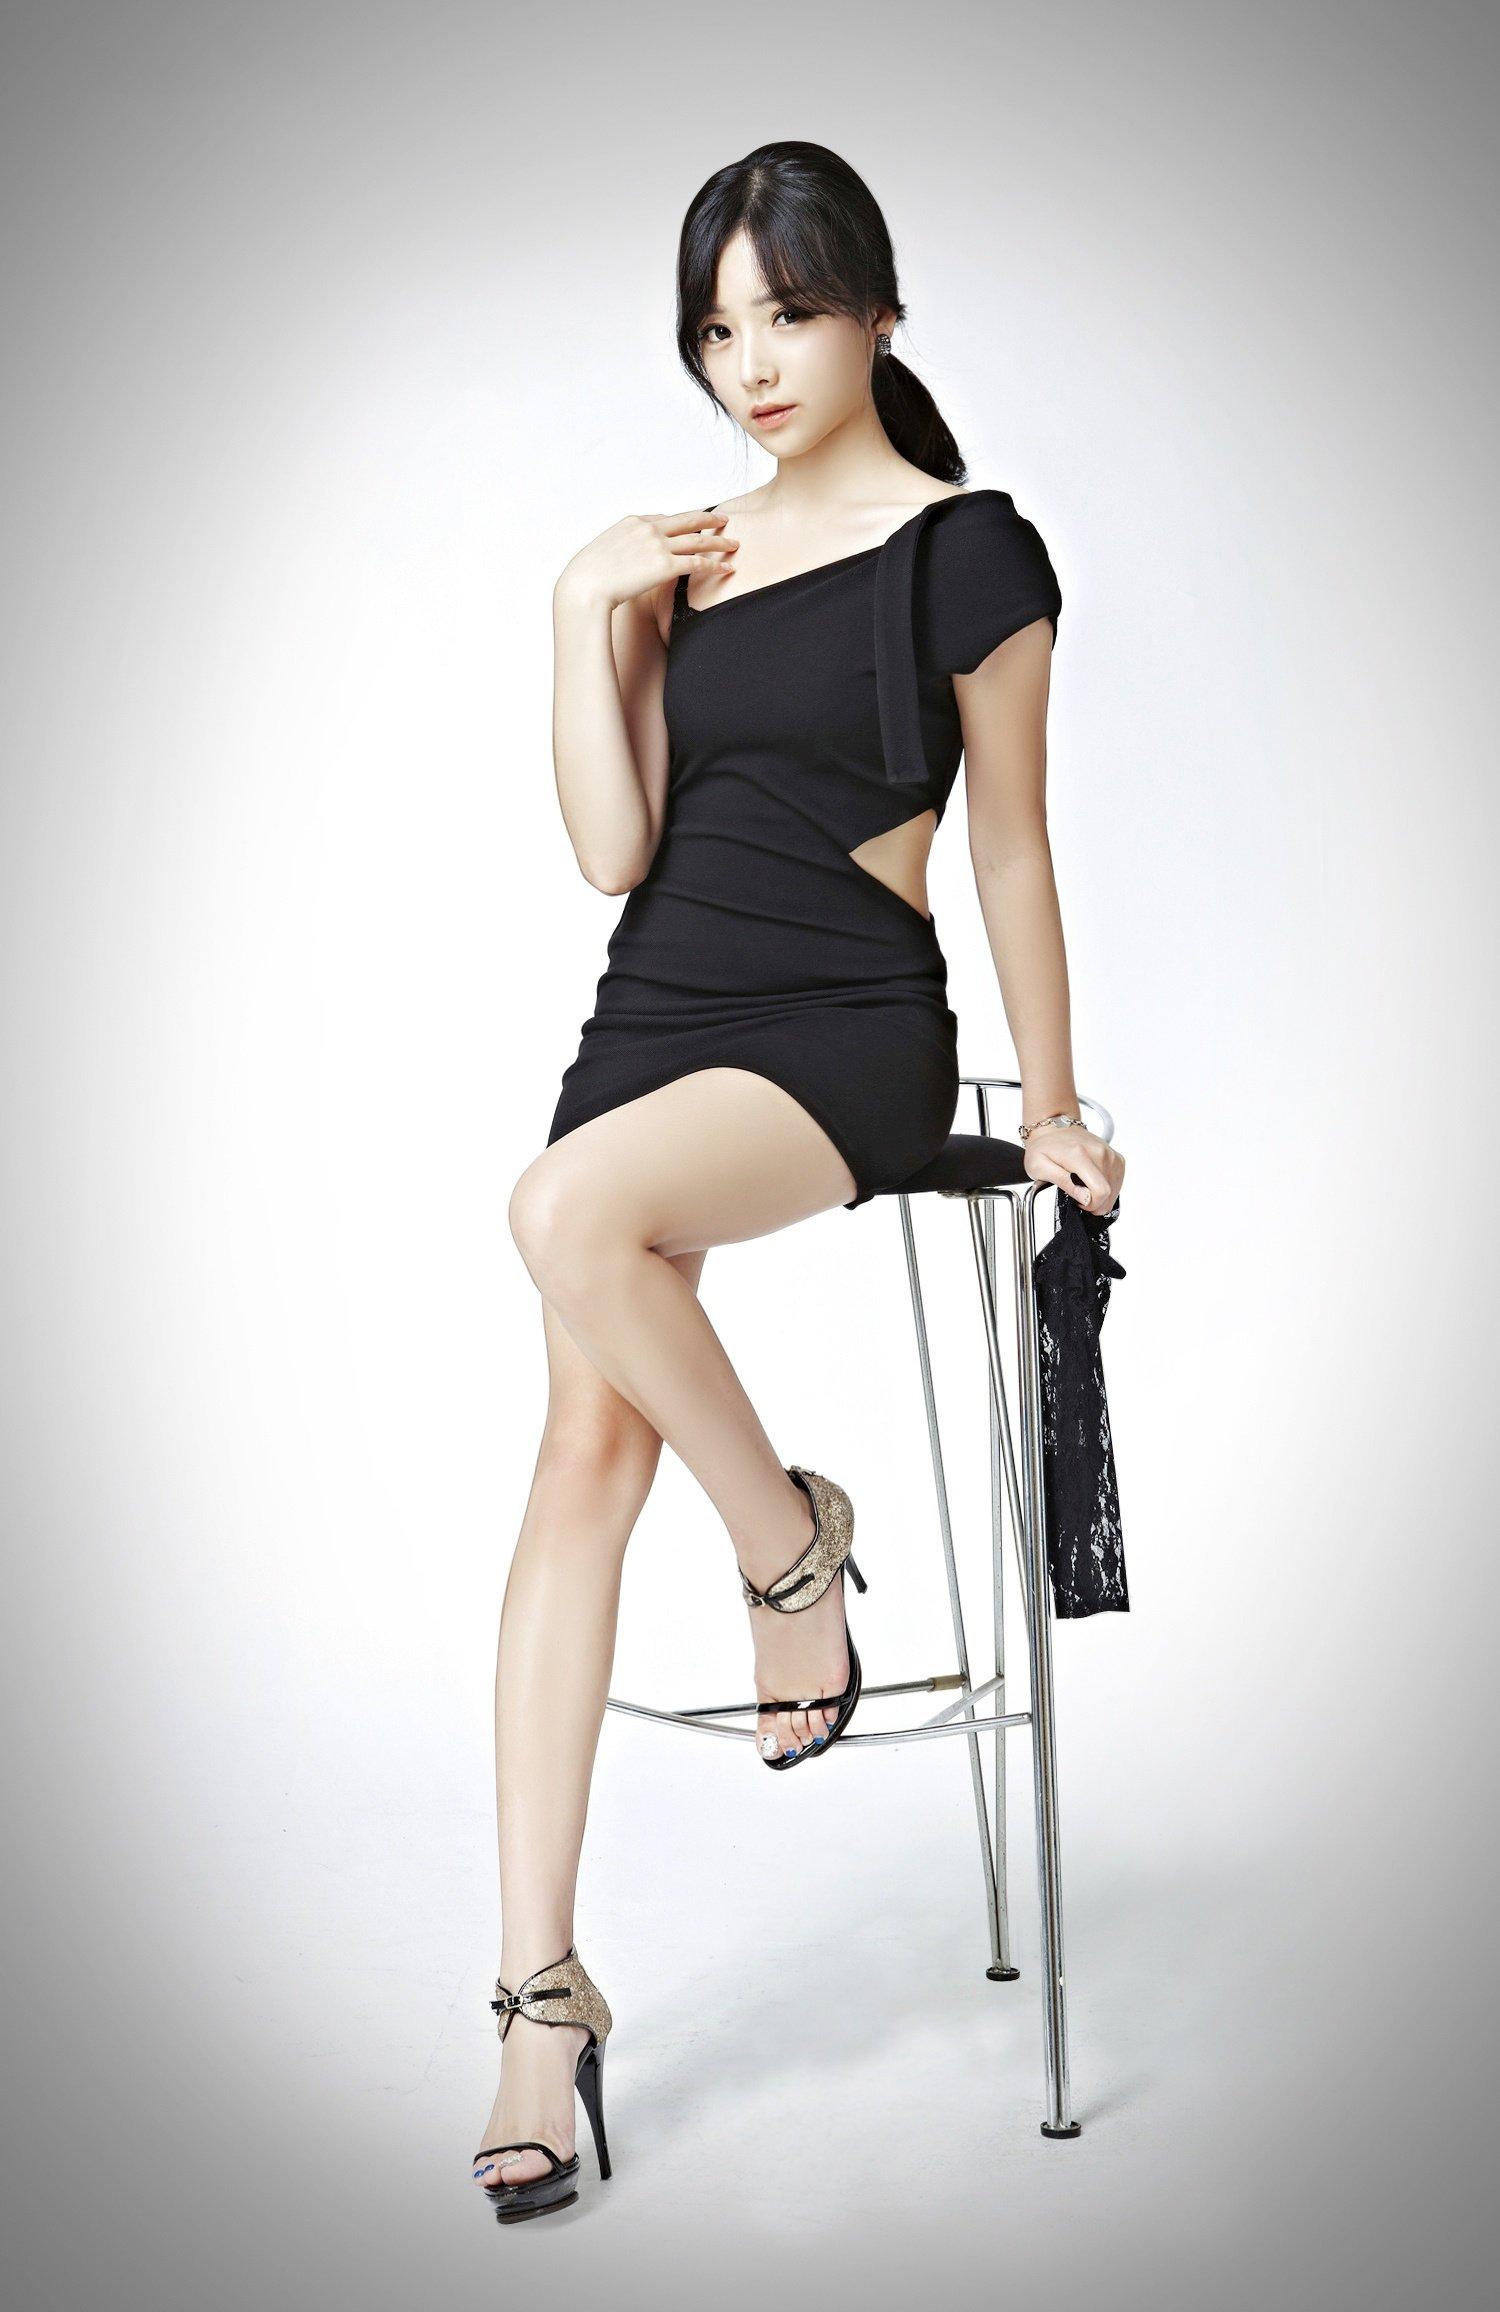 hot Korean actress